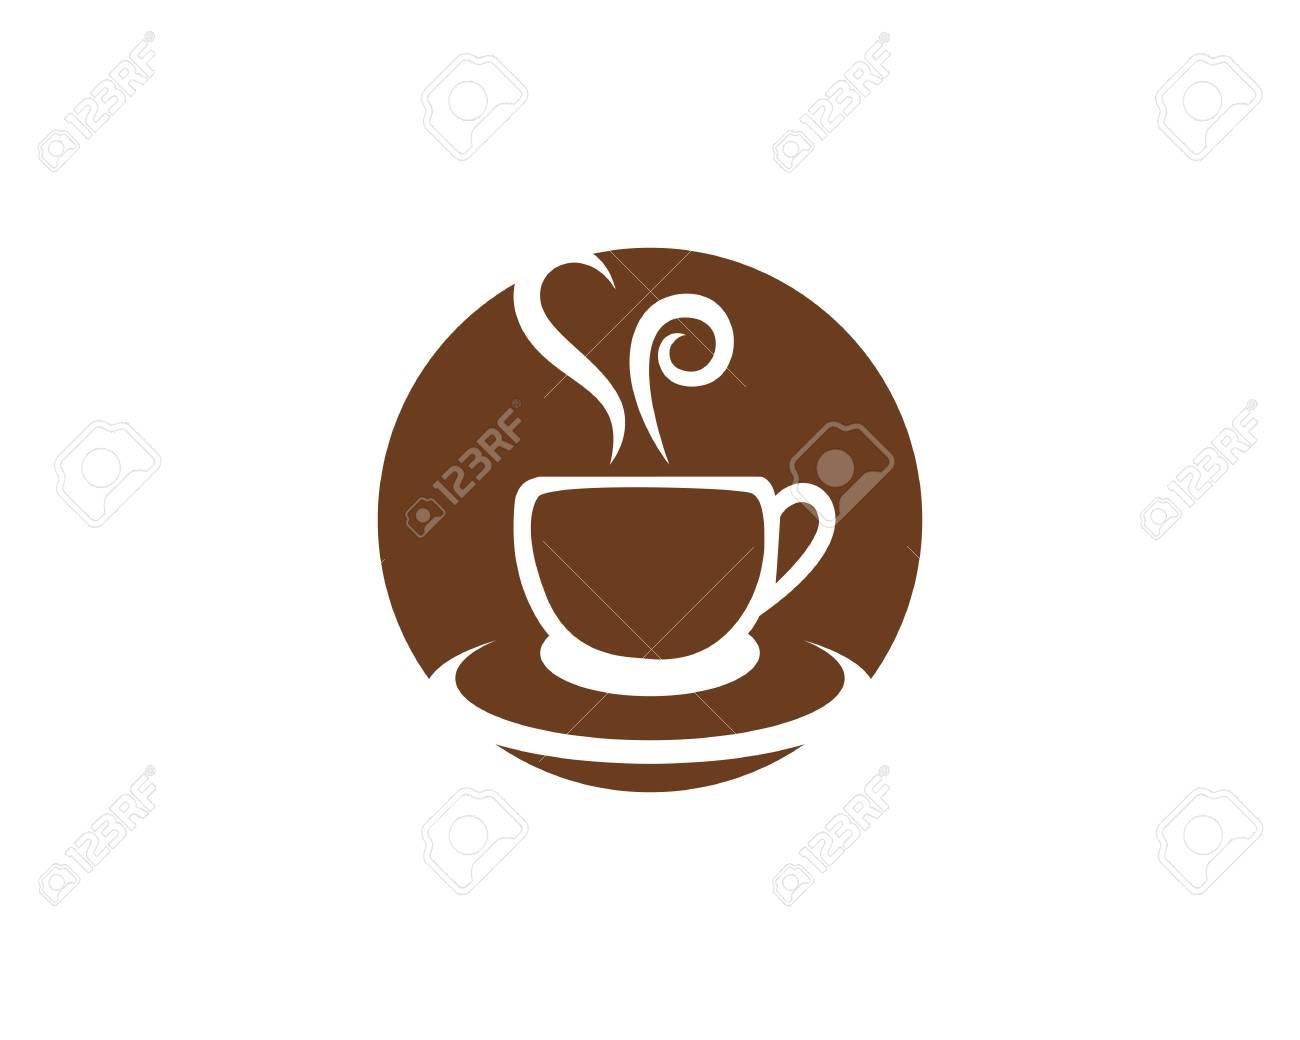 Plantilla Icono Icono Del Café Ilustraciones Vectoriales, Clip Art ...